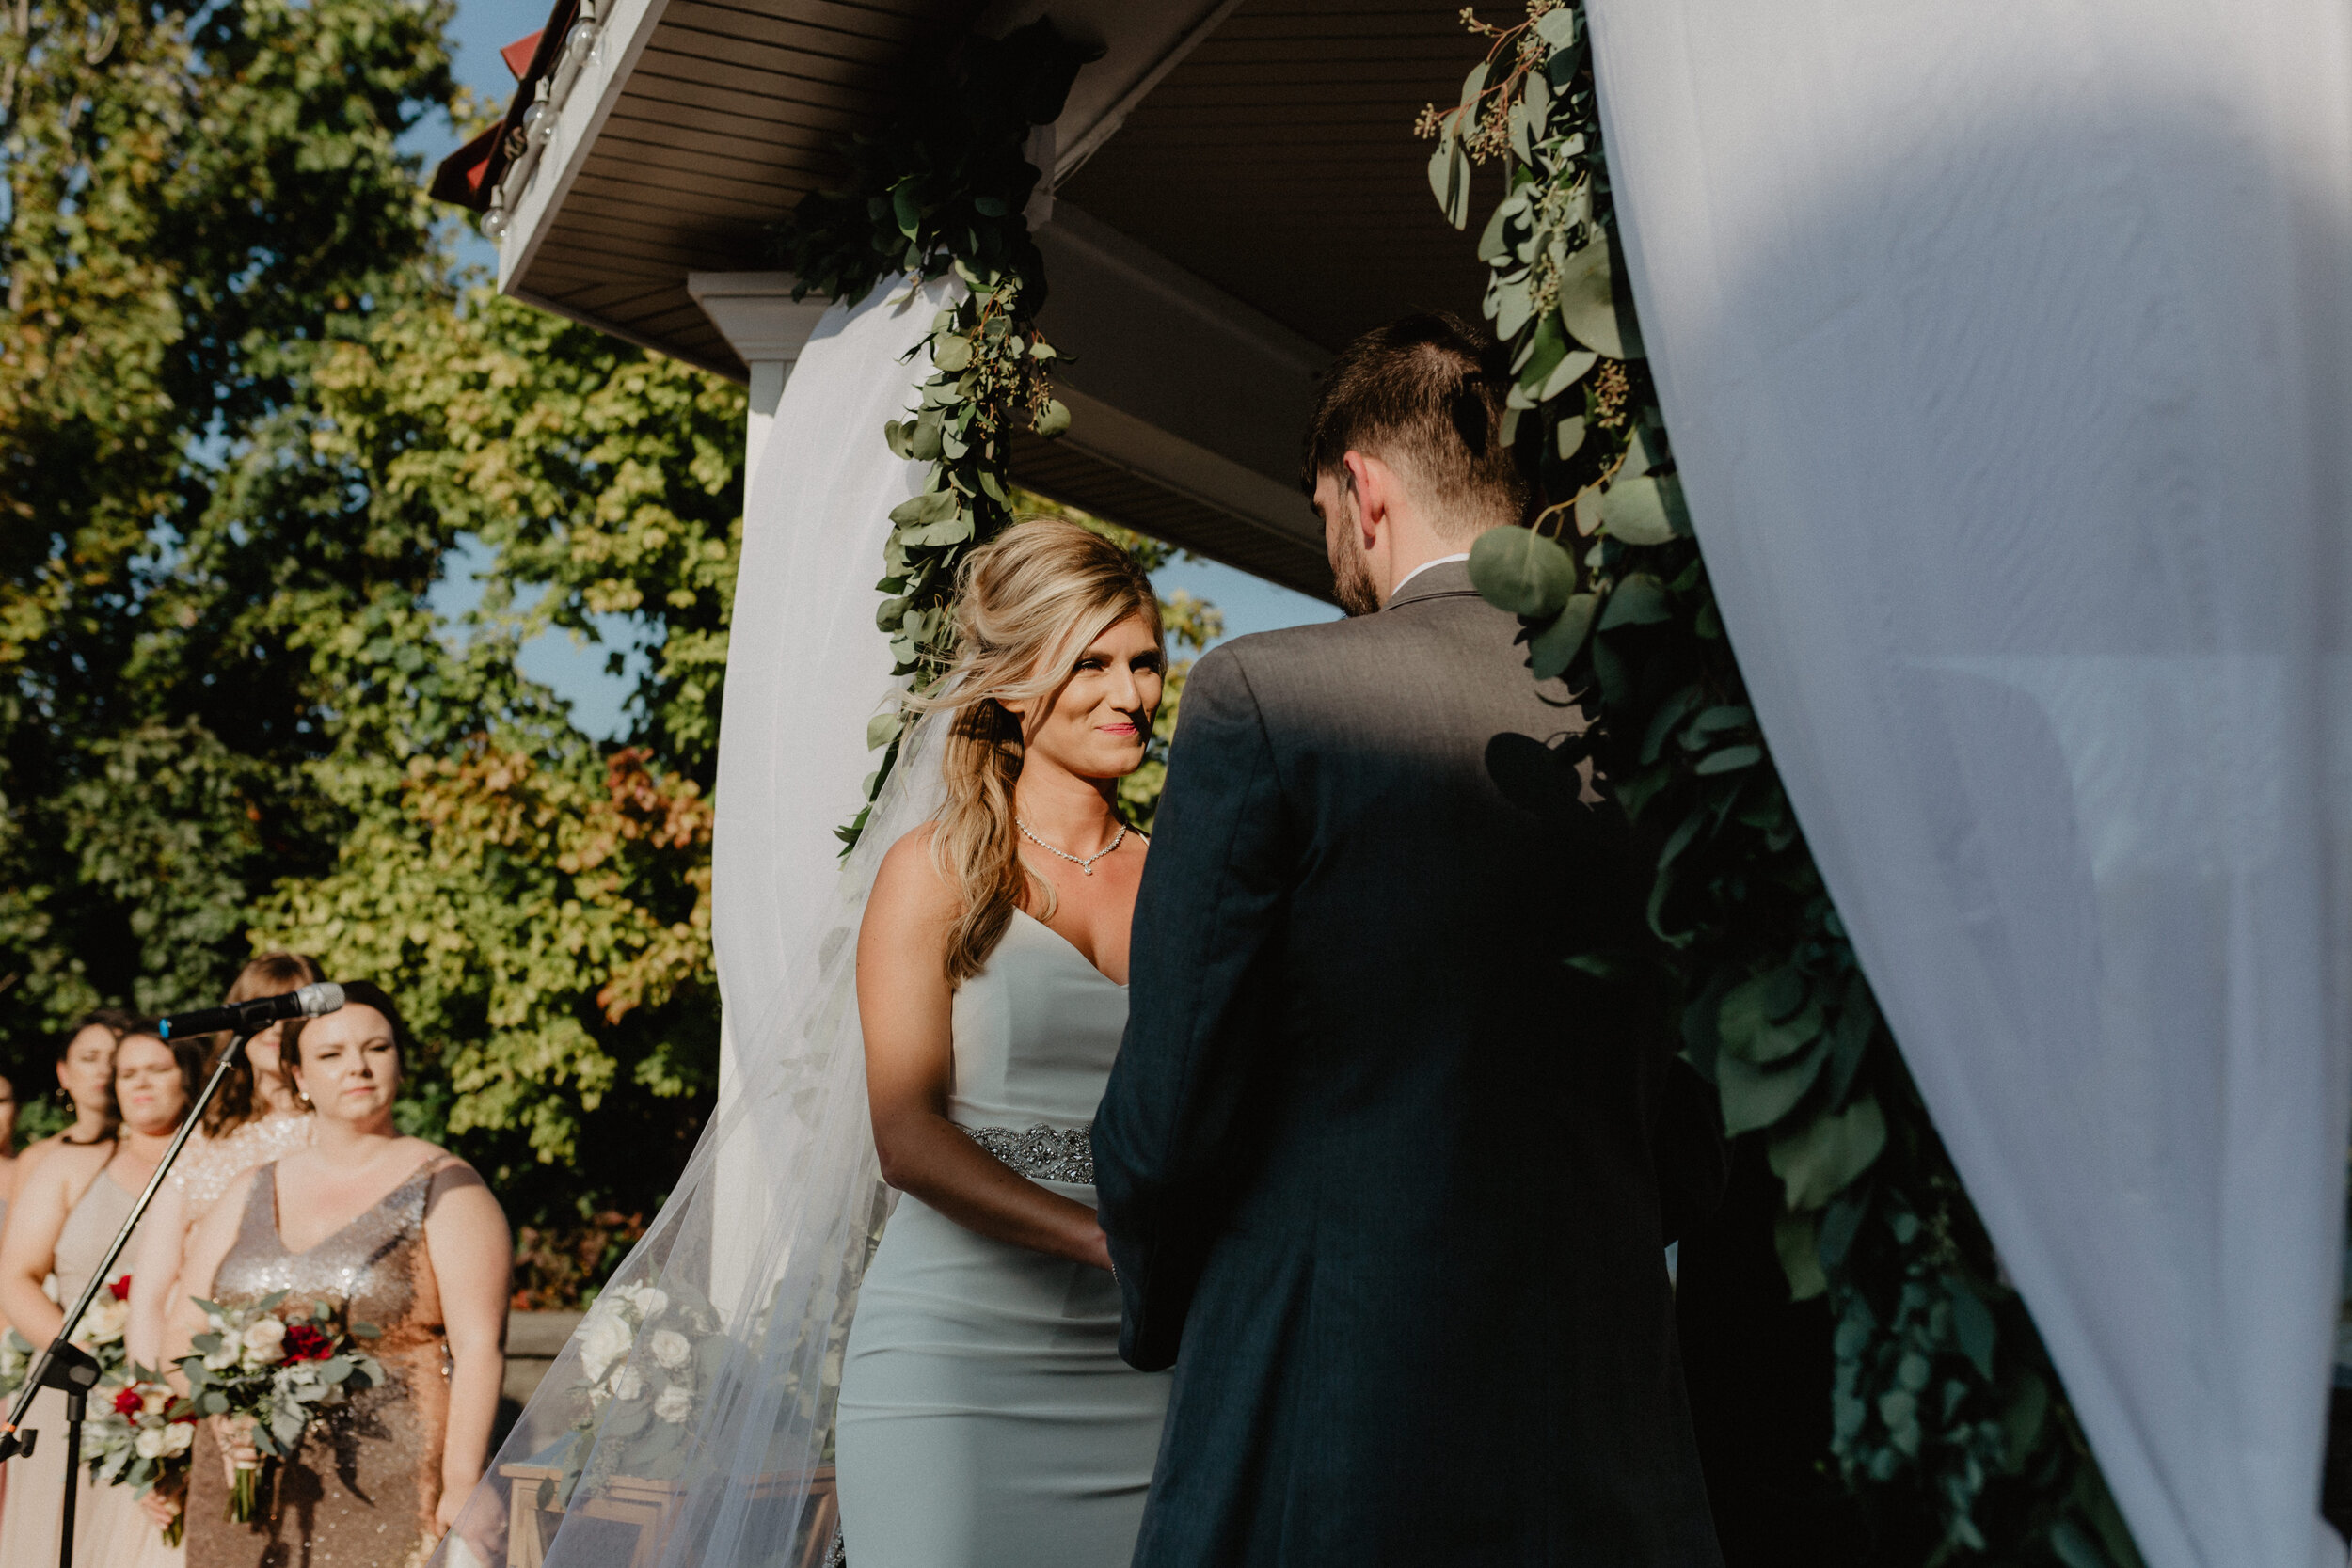 schenectady-new-york-wedding032.jpg